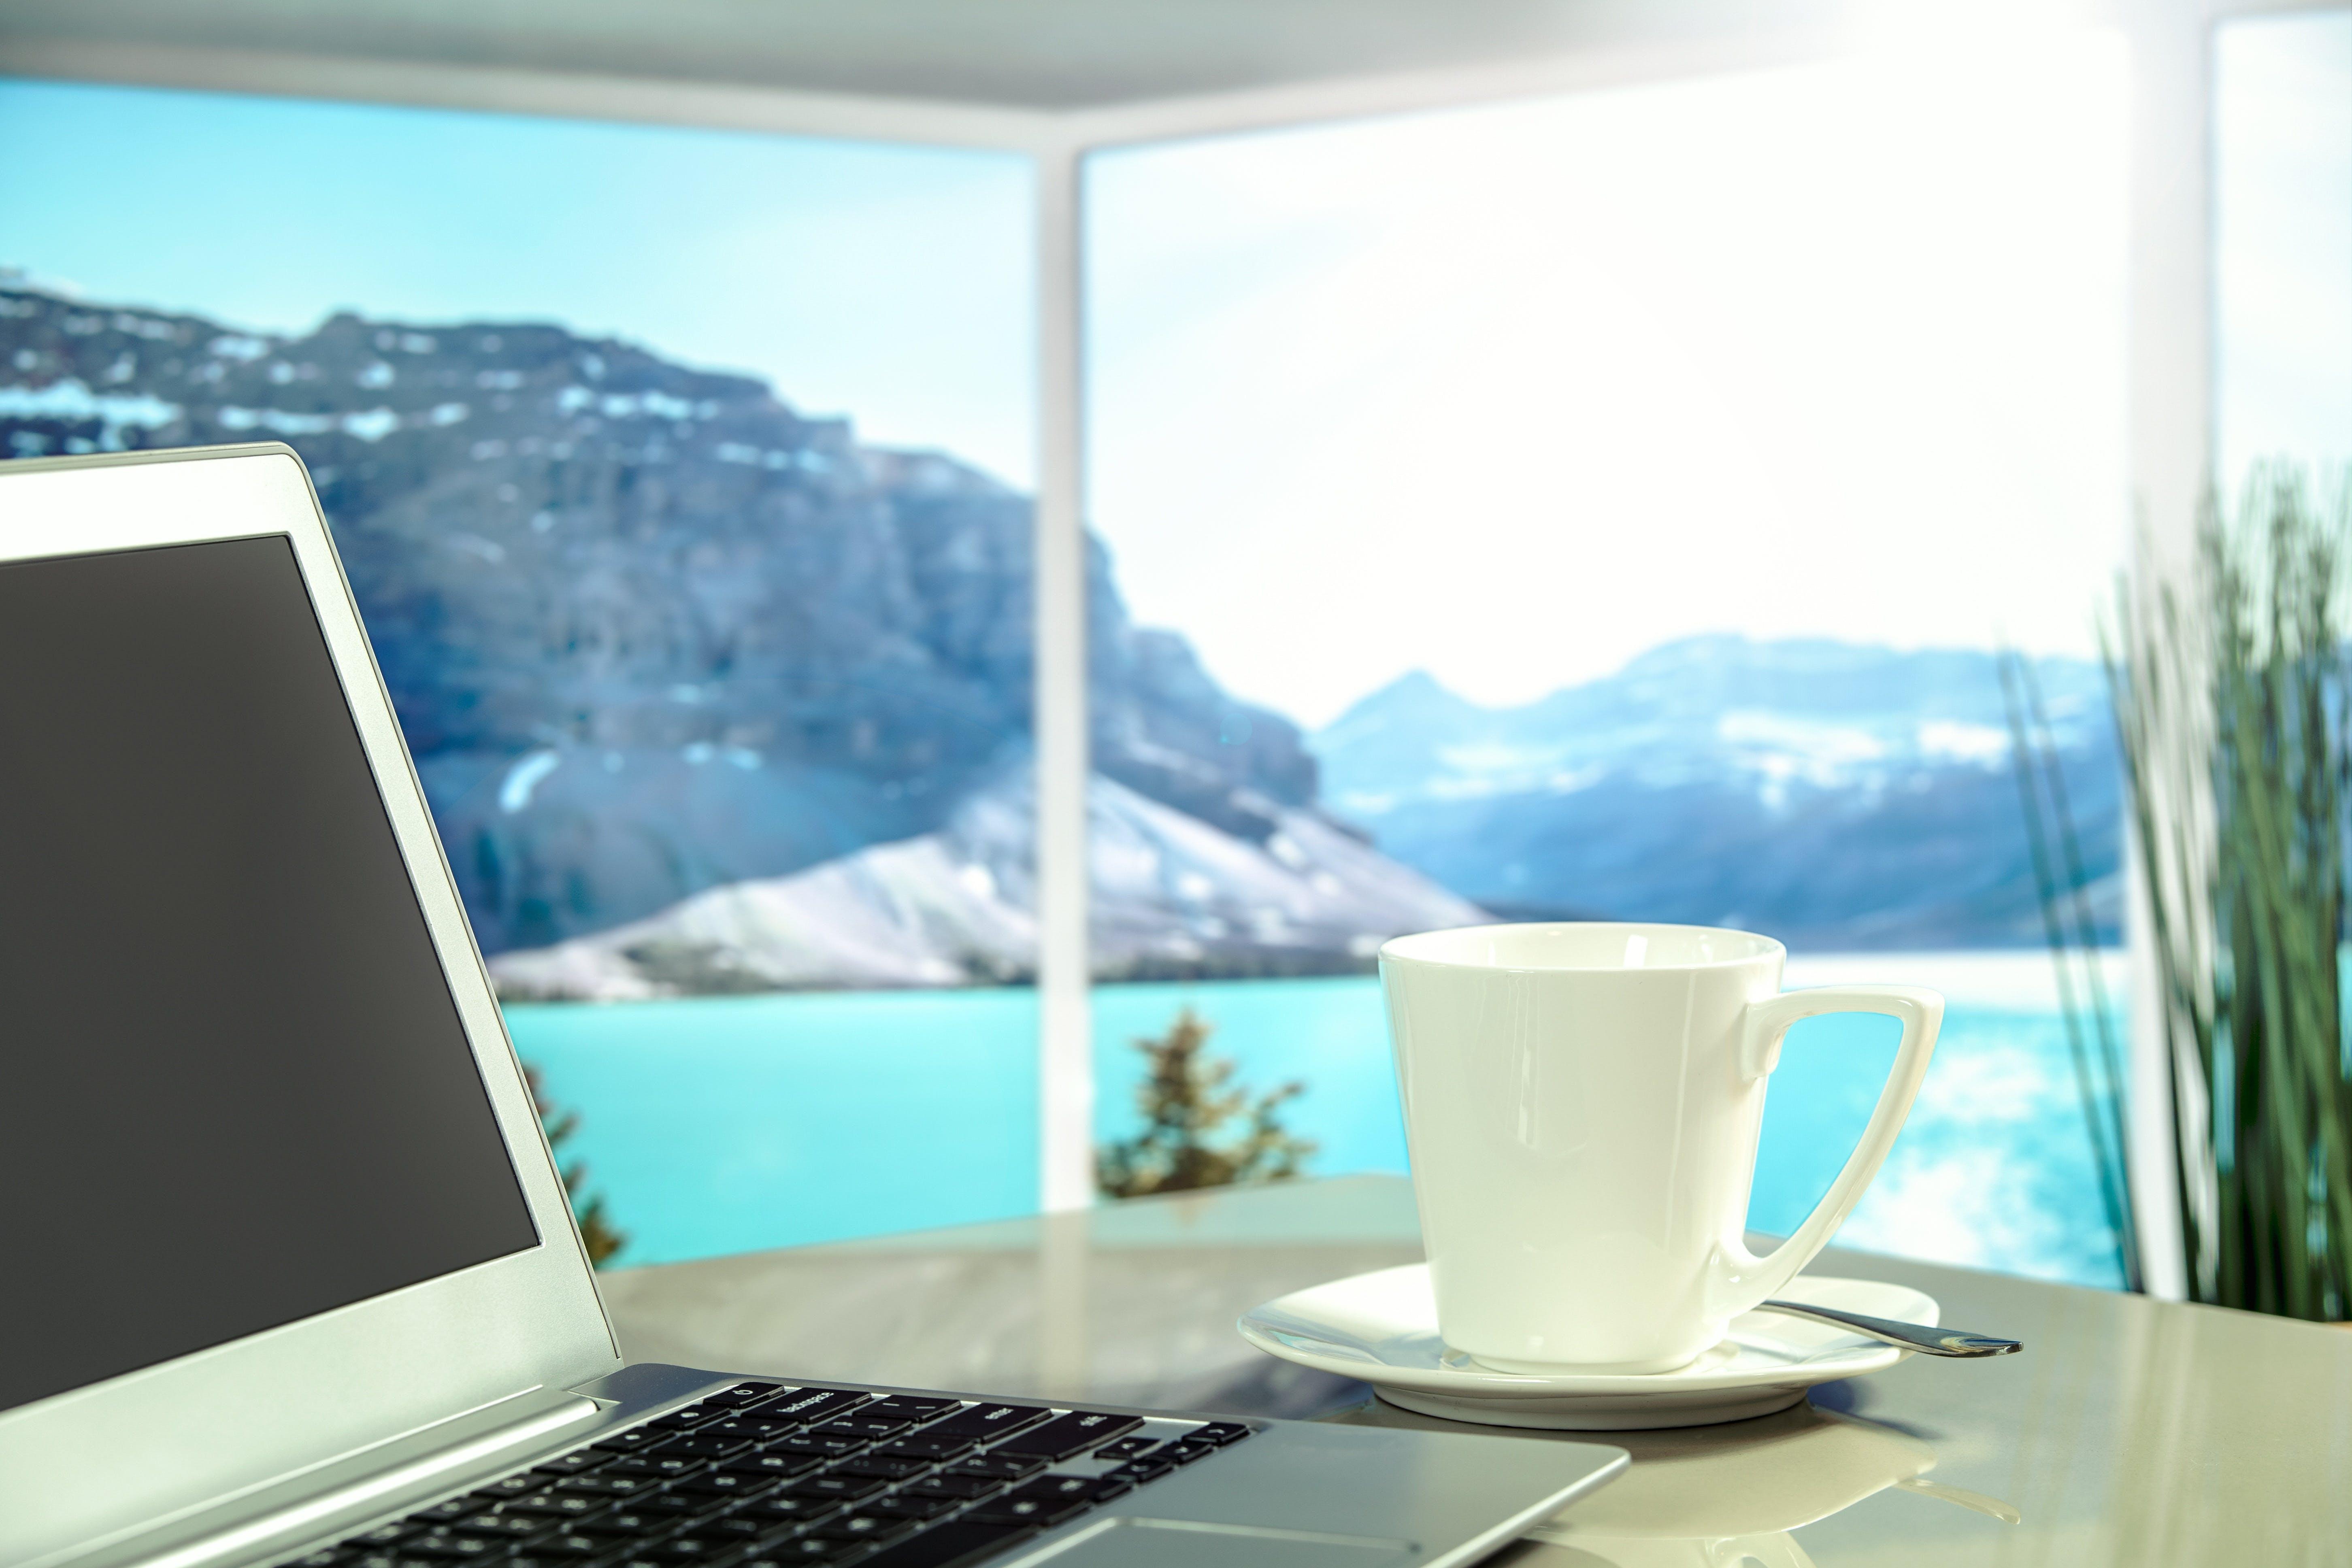 Turned-off Laptop on Table Near Mug